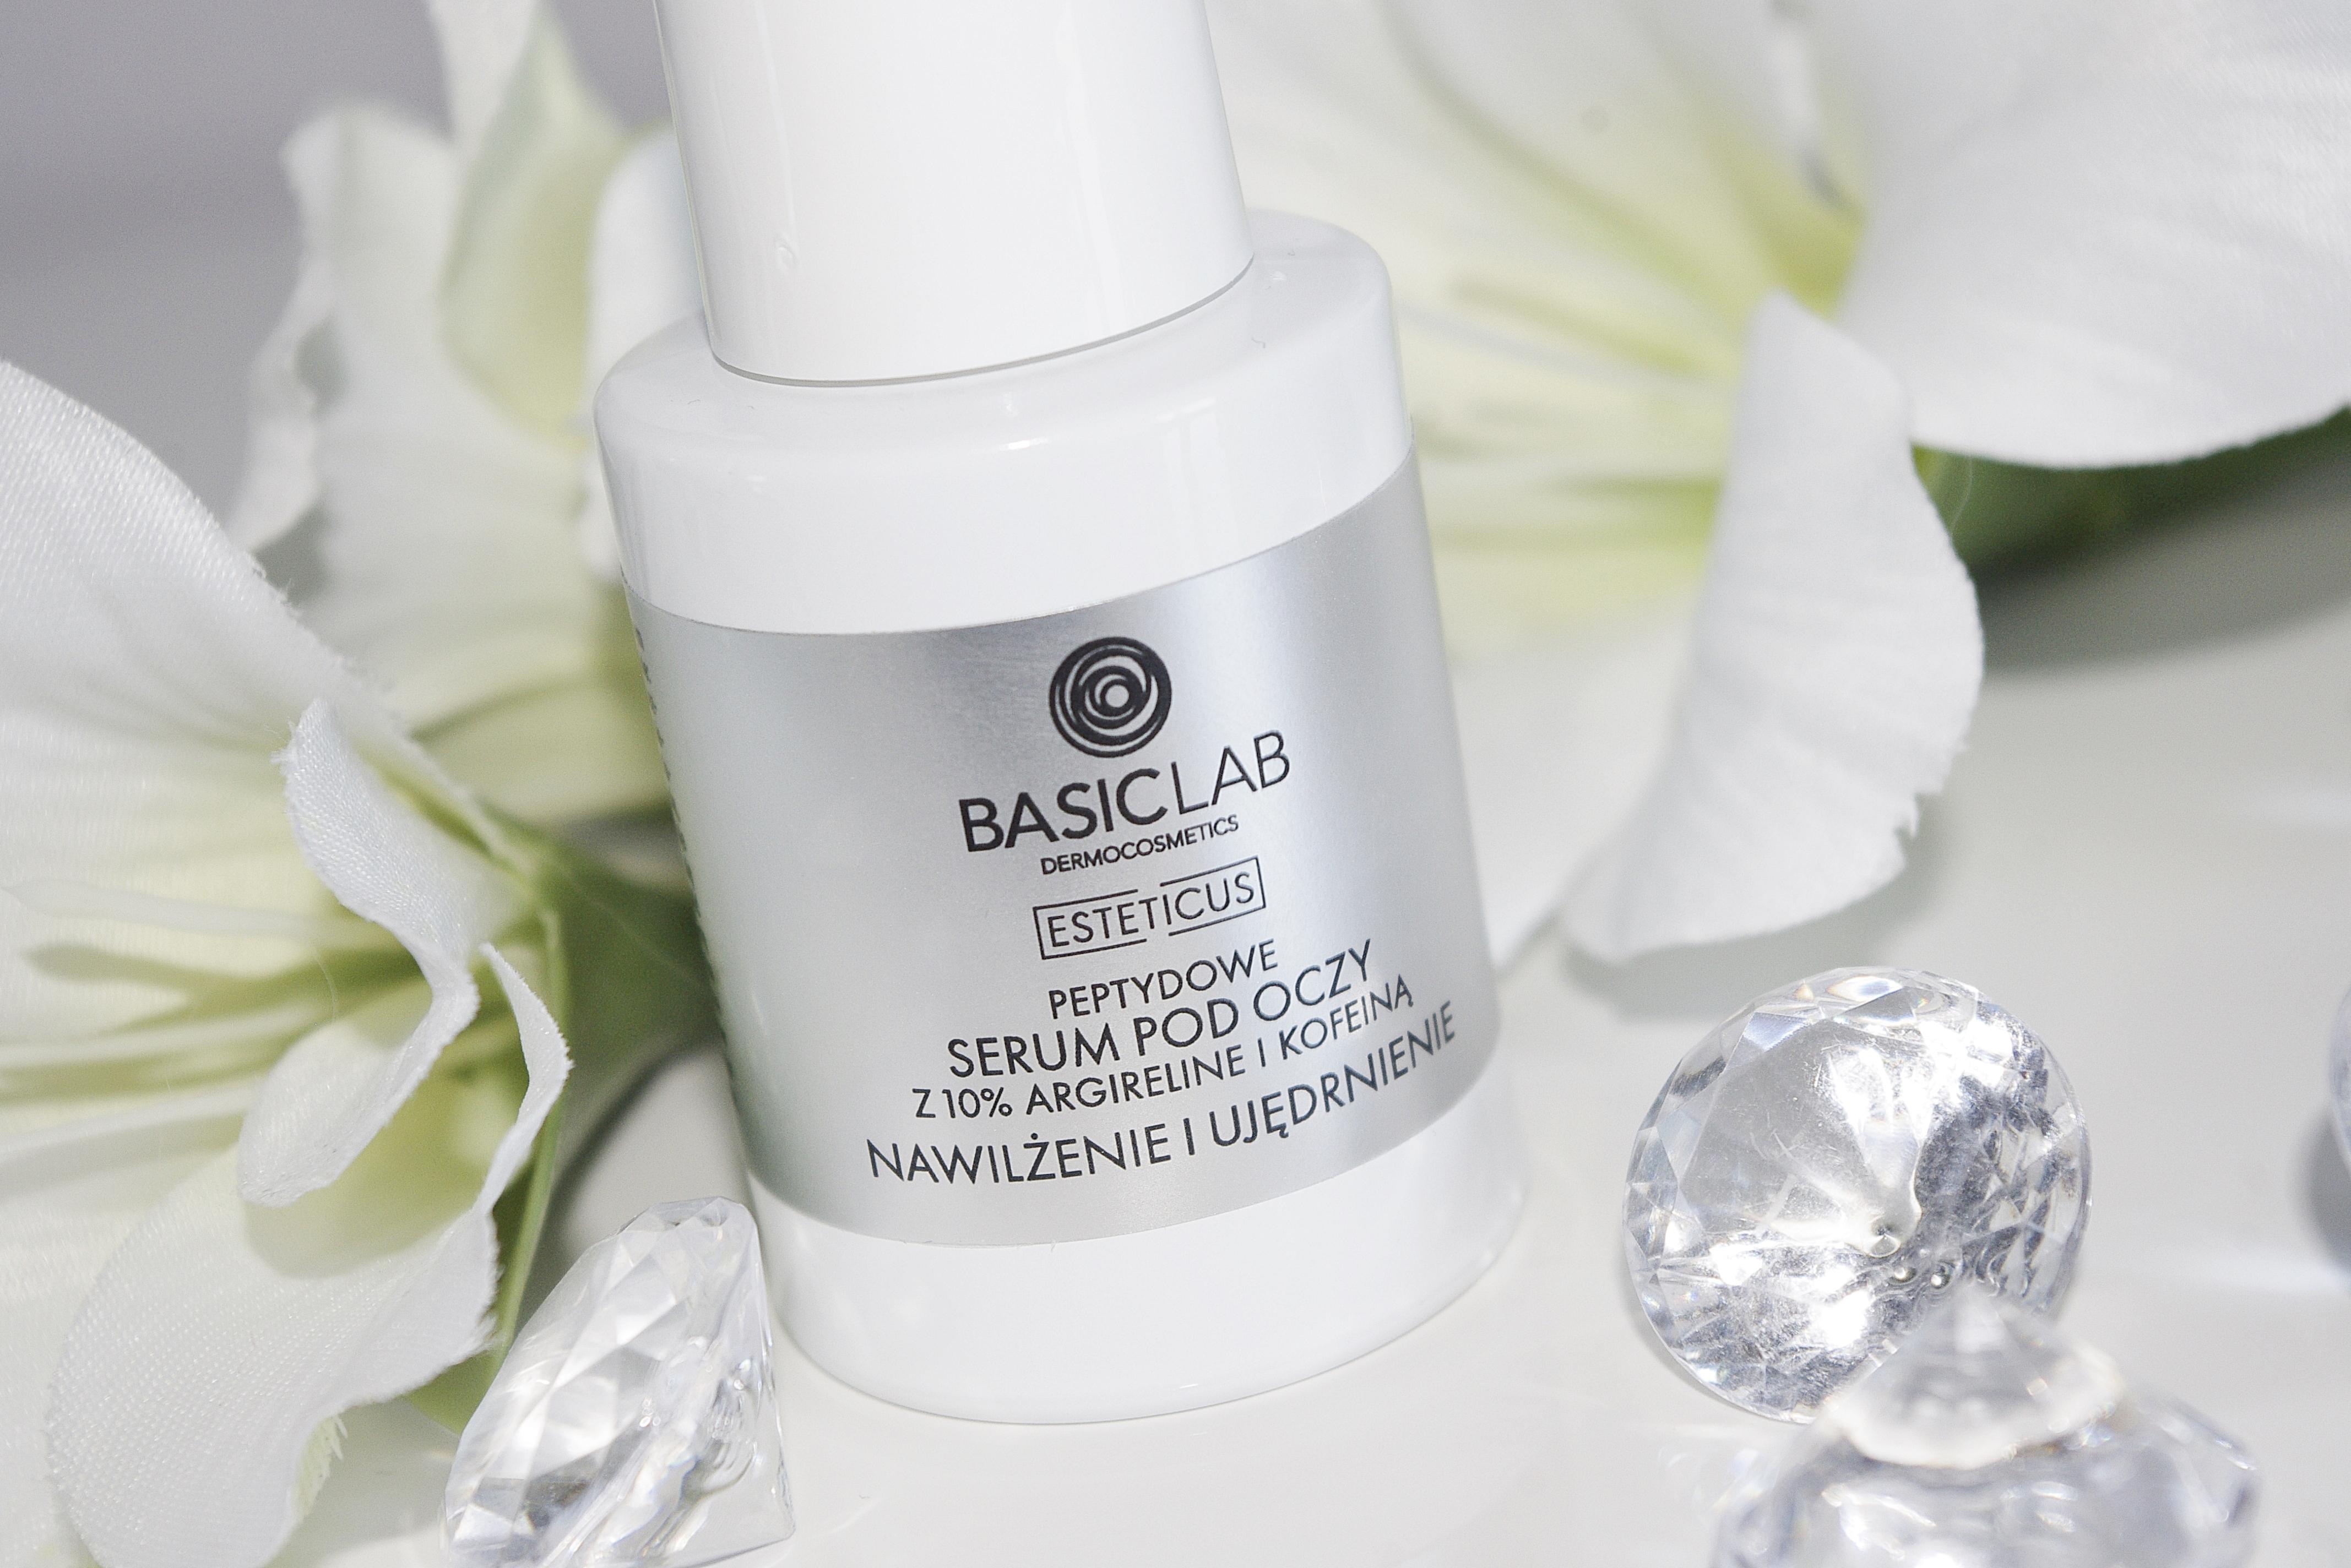 BasicLab Serum Peptydowe pod Oczy z Argileniną 10% Nawilżenie i Ujędrnienie